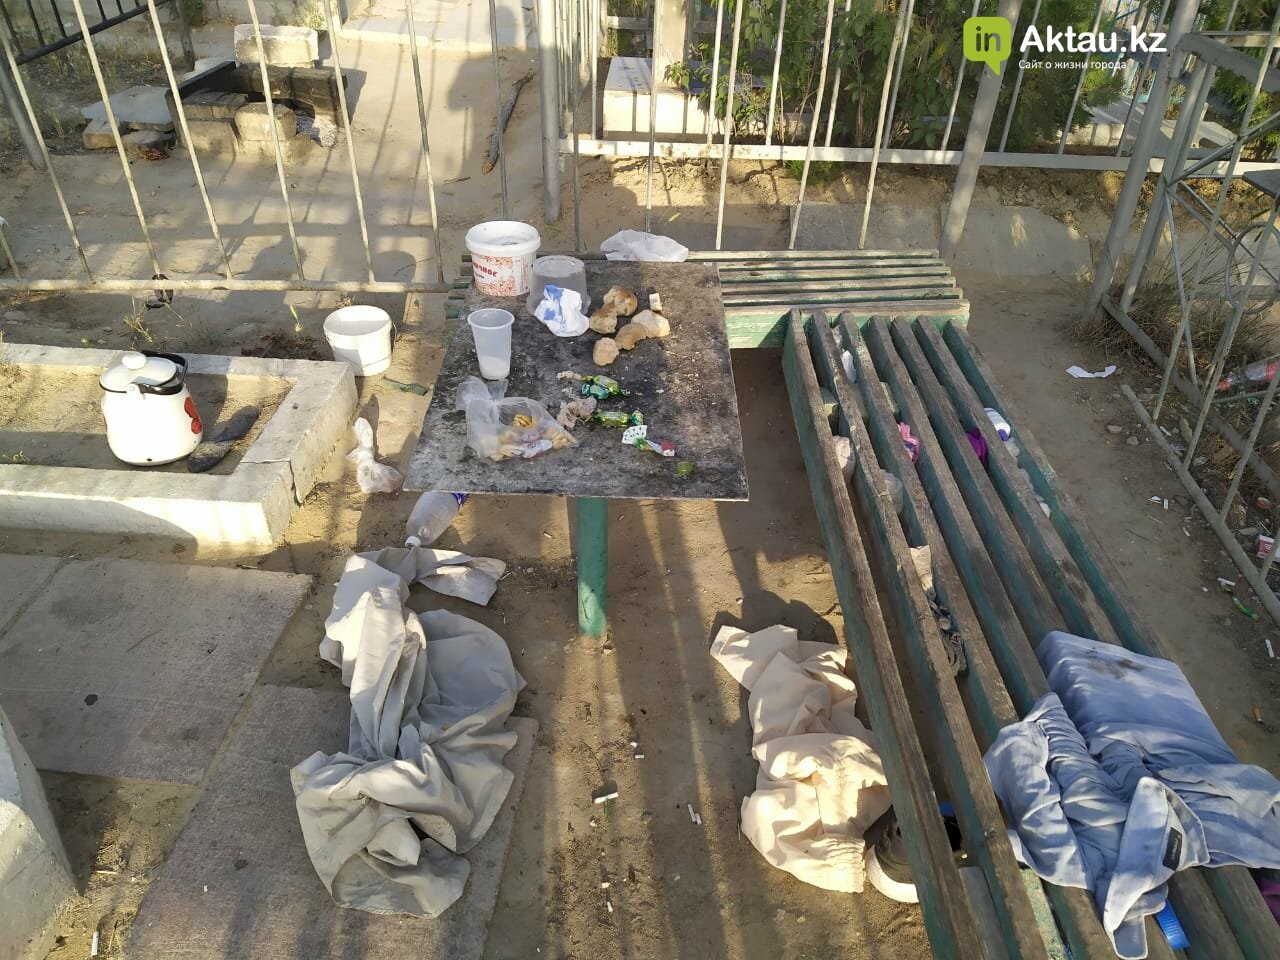 """В Актау бомжи """"облюбовали"""" христианское кладбище, фото-4"""